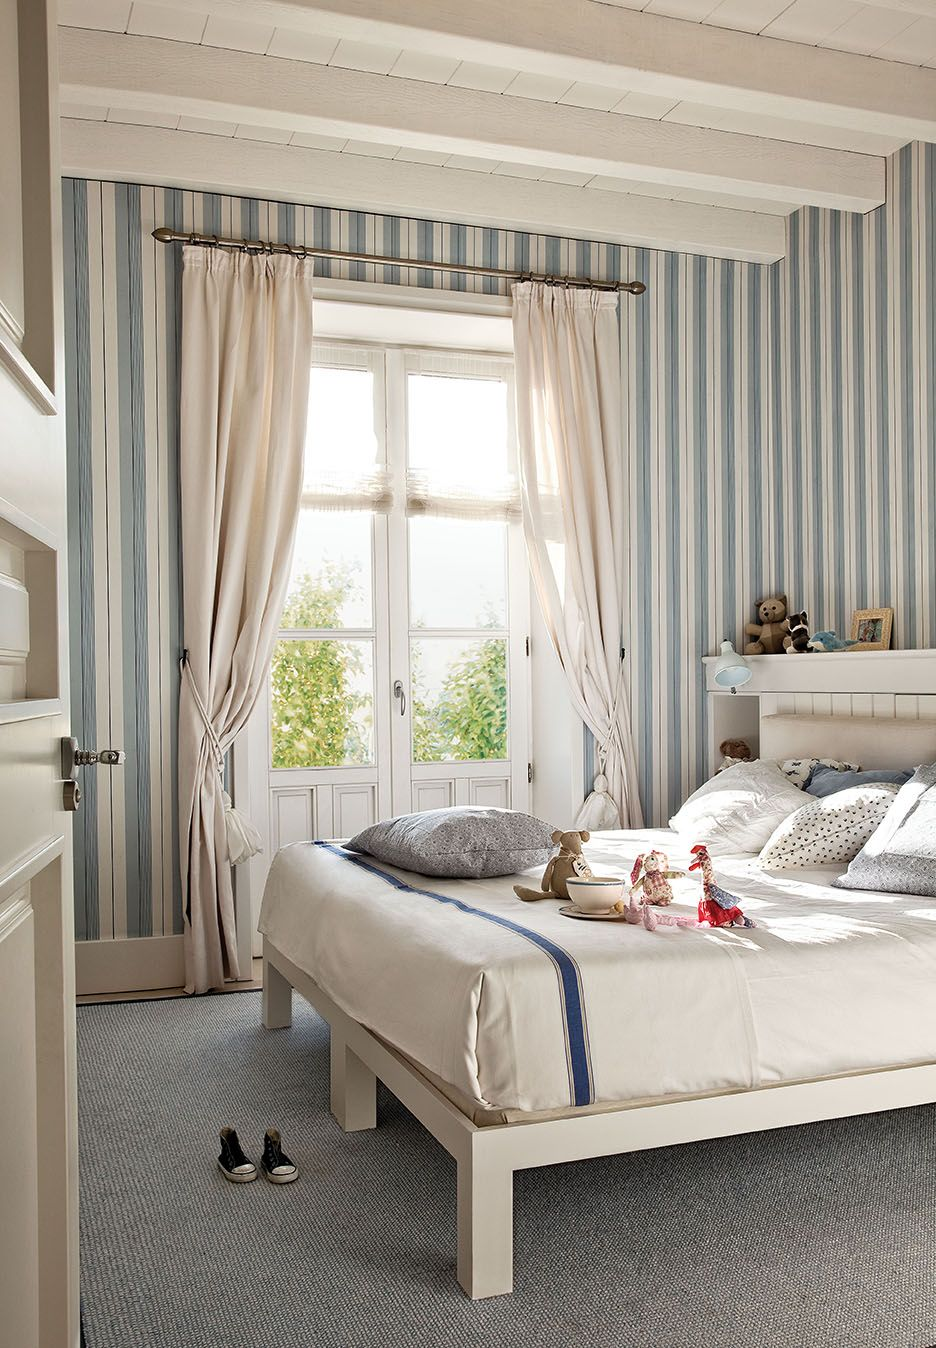 Dormitorio infantil con papel pintado a rayas blanco y - Cabecero papel pintado ...